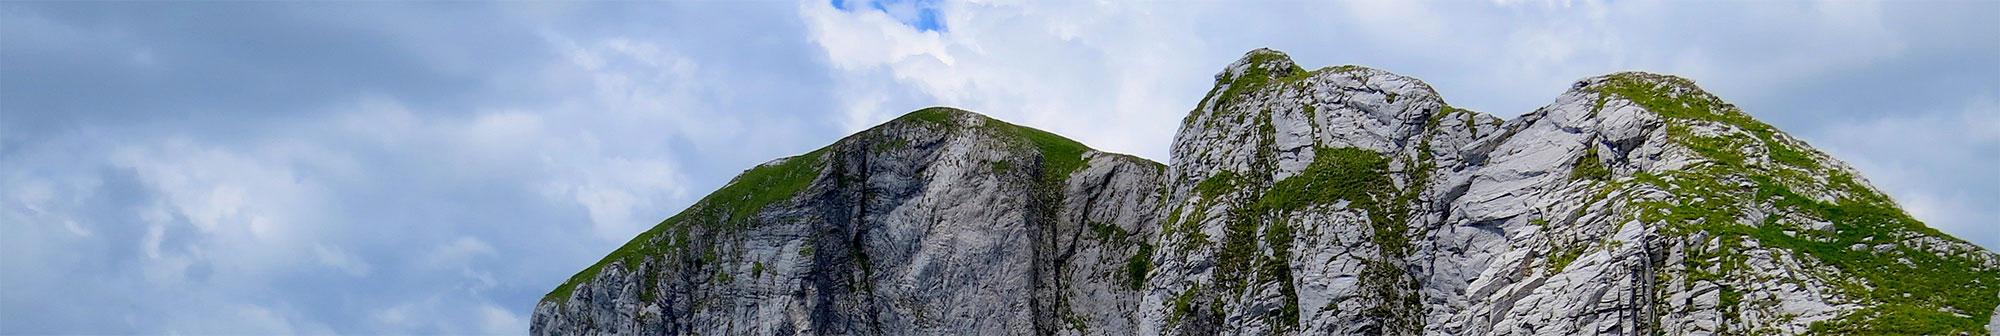 Vista di una vetta delle Alpi Apuane